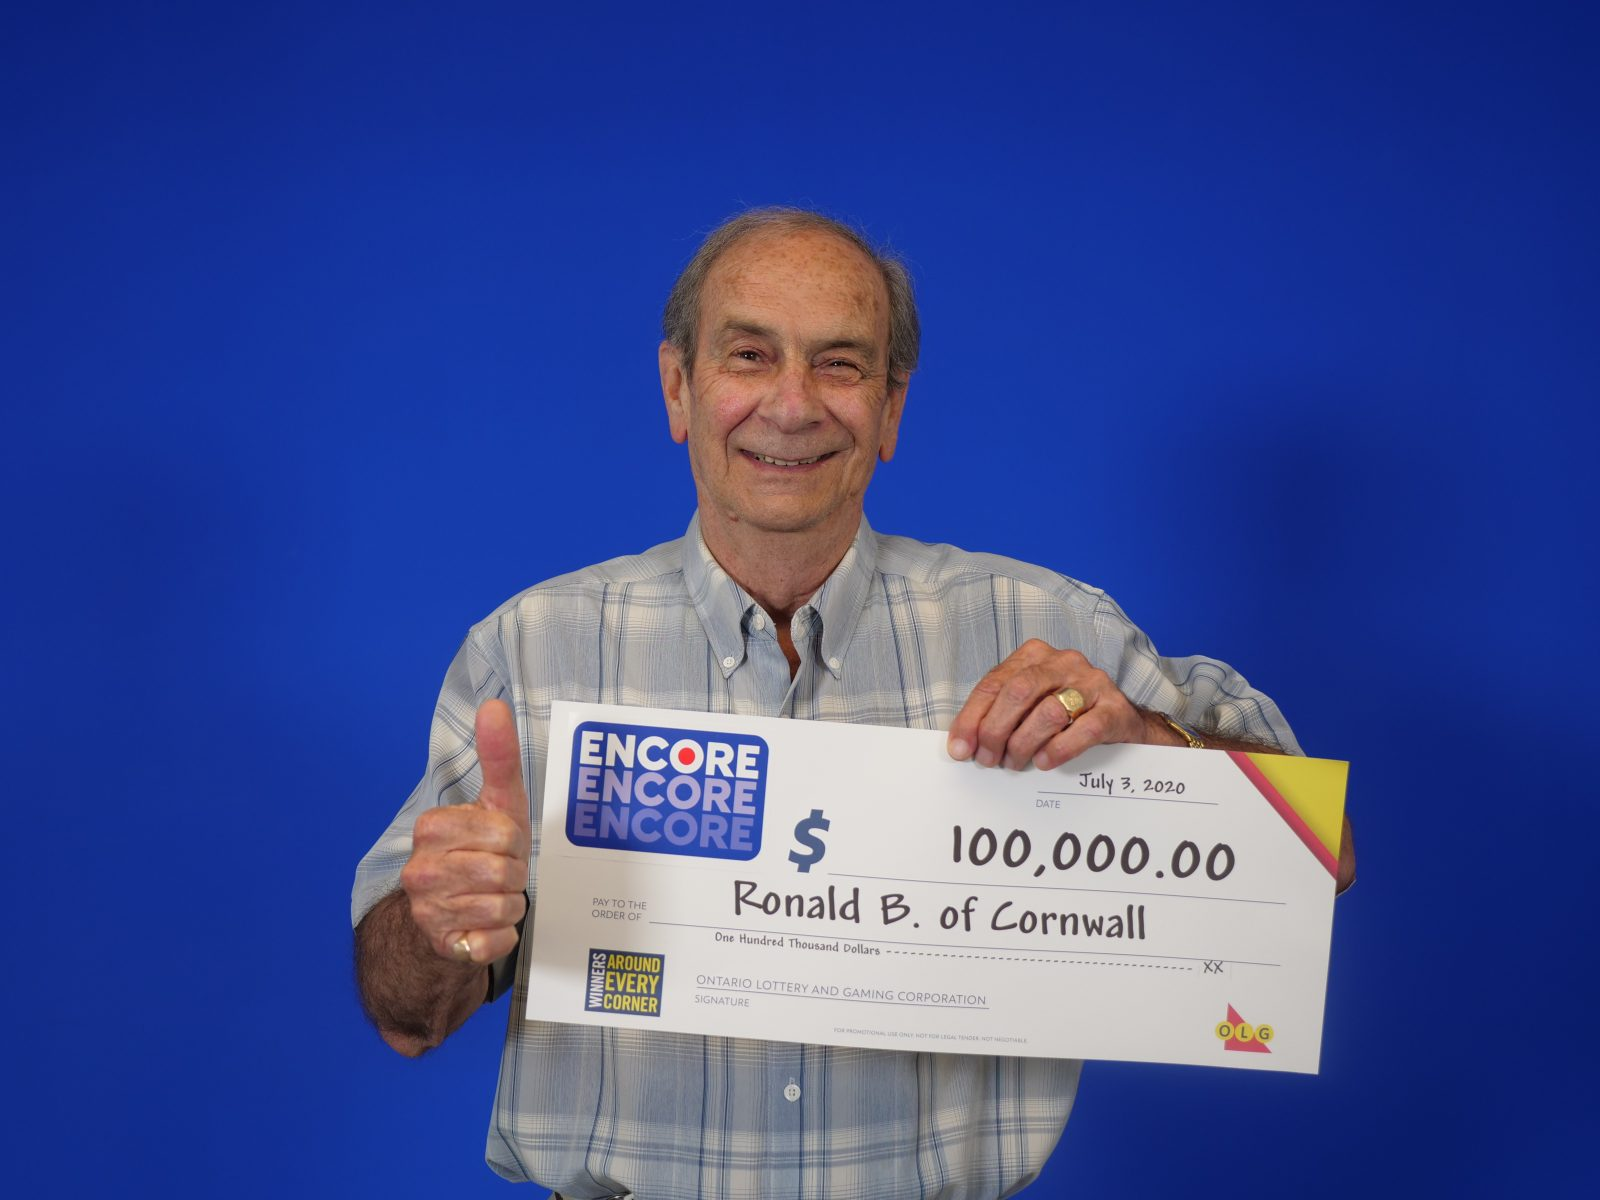 Retired crossing guard wins lotto ENCORE